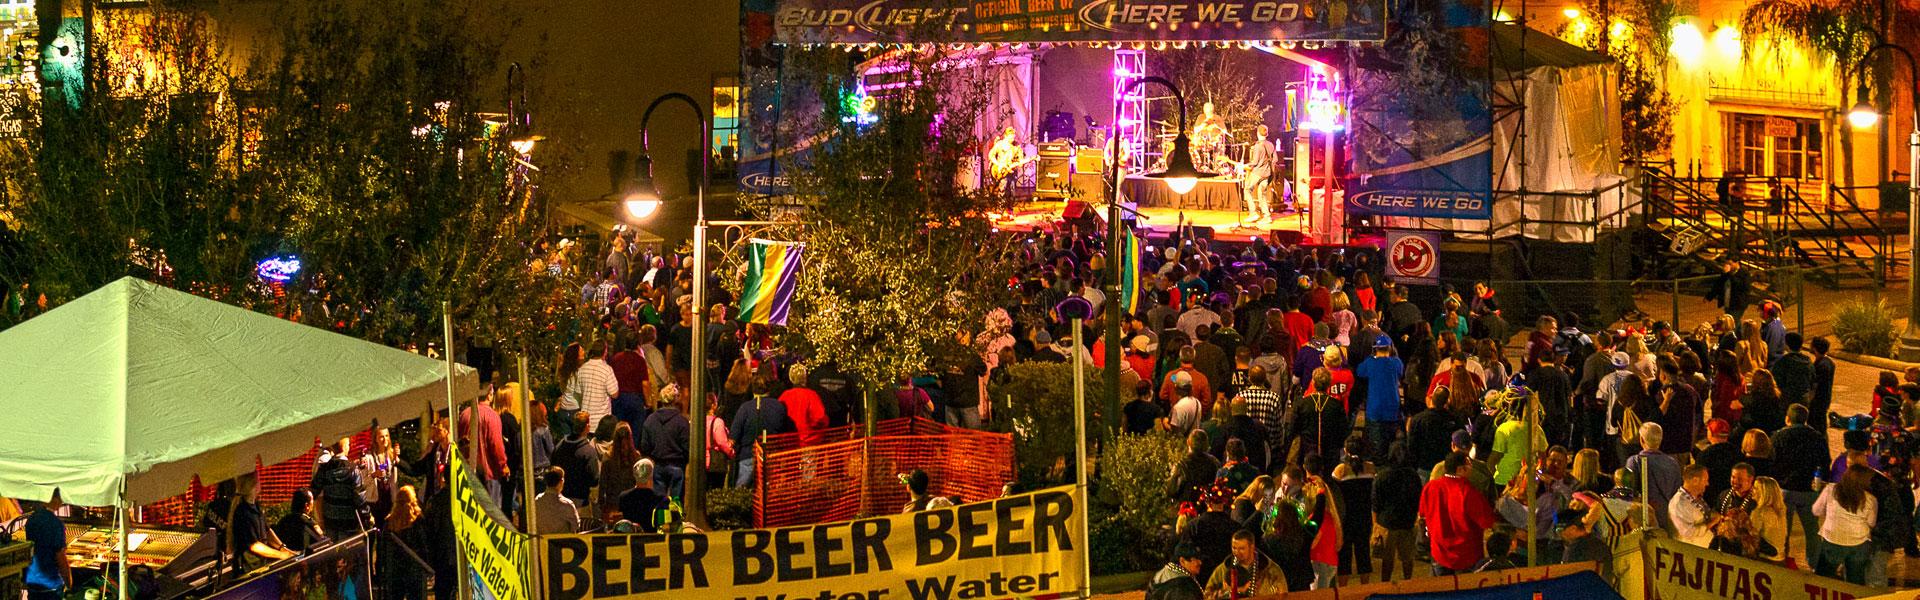 Mardi Gras Live Entertainment, Galveston, TX